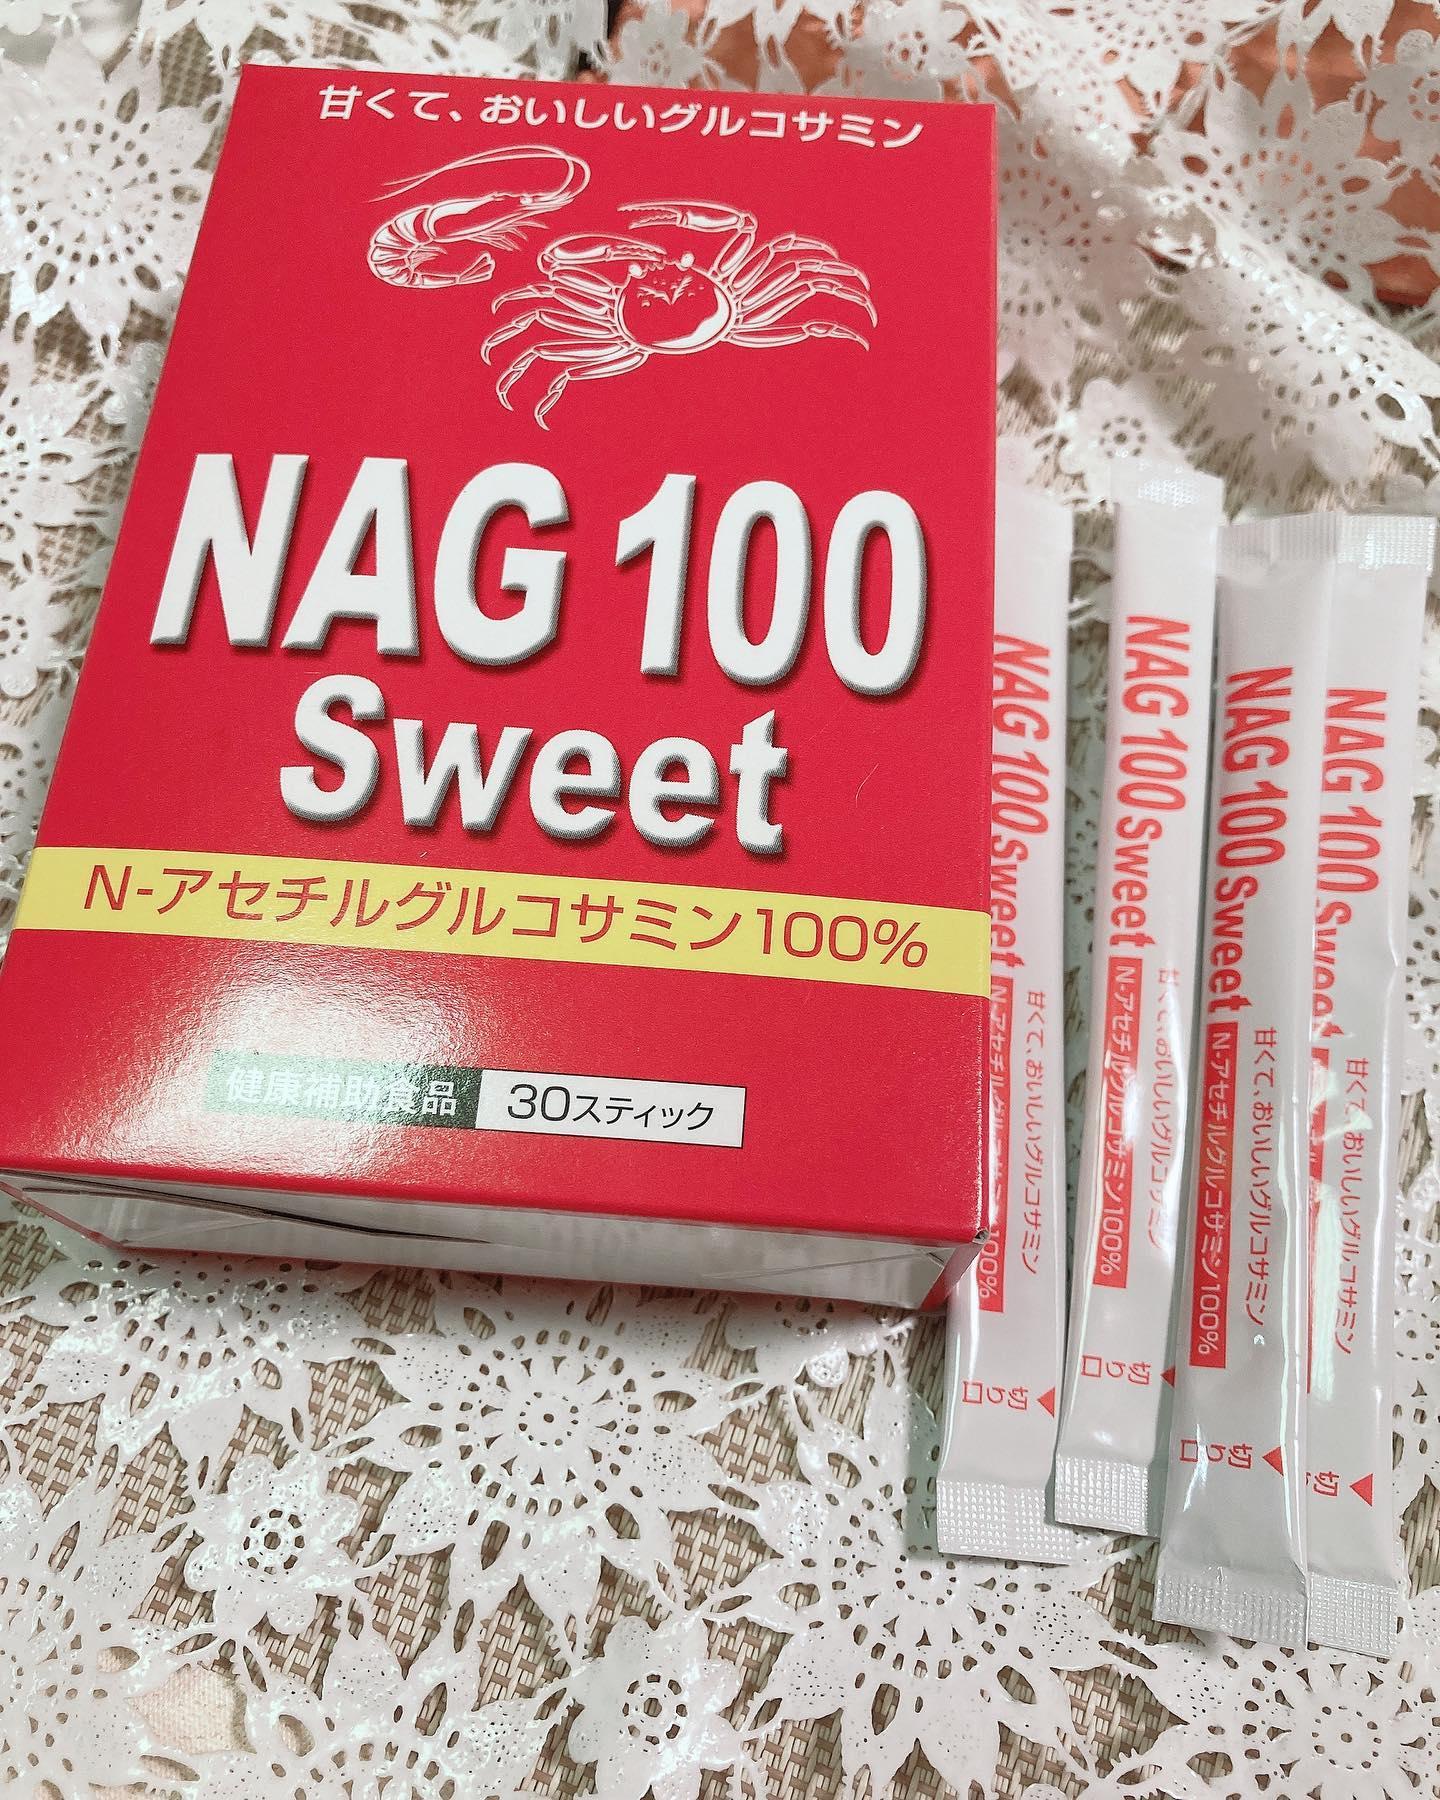 口コミ投稿:#NAG100 #monipla #nakagaki_fanNAG100スイート30スティック入り 4104円税込NAG100…